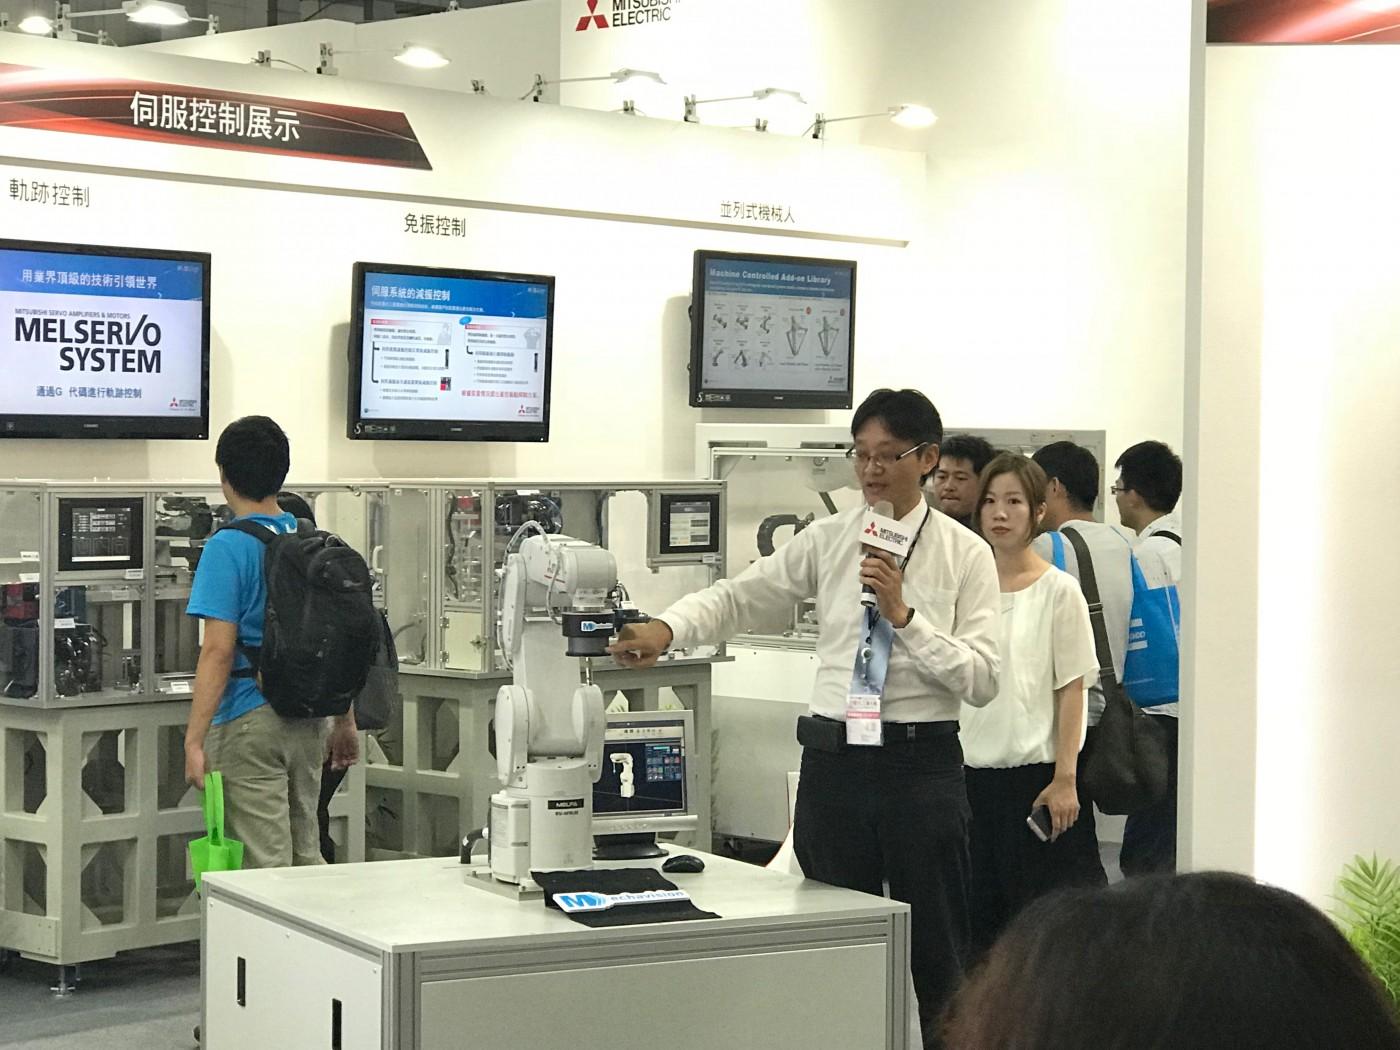 工业机器人打入8寸芯片供应链,达明不靠广达如何走出一片天?<p></p>IMG_6099.JPG